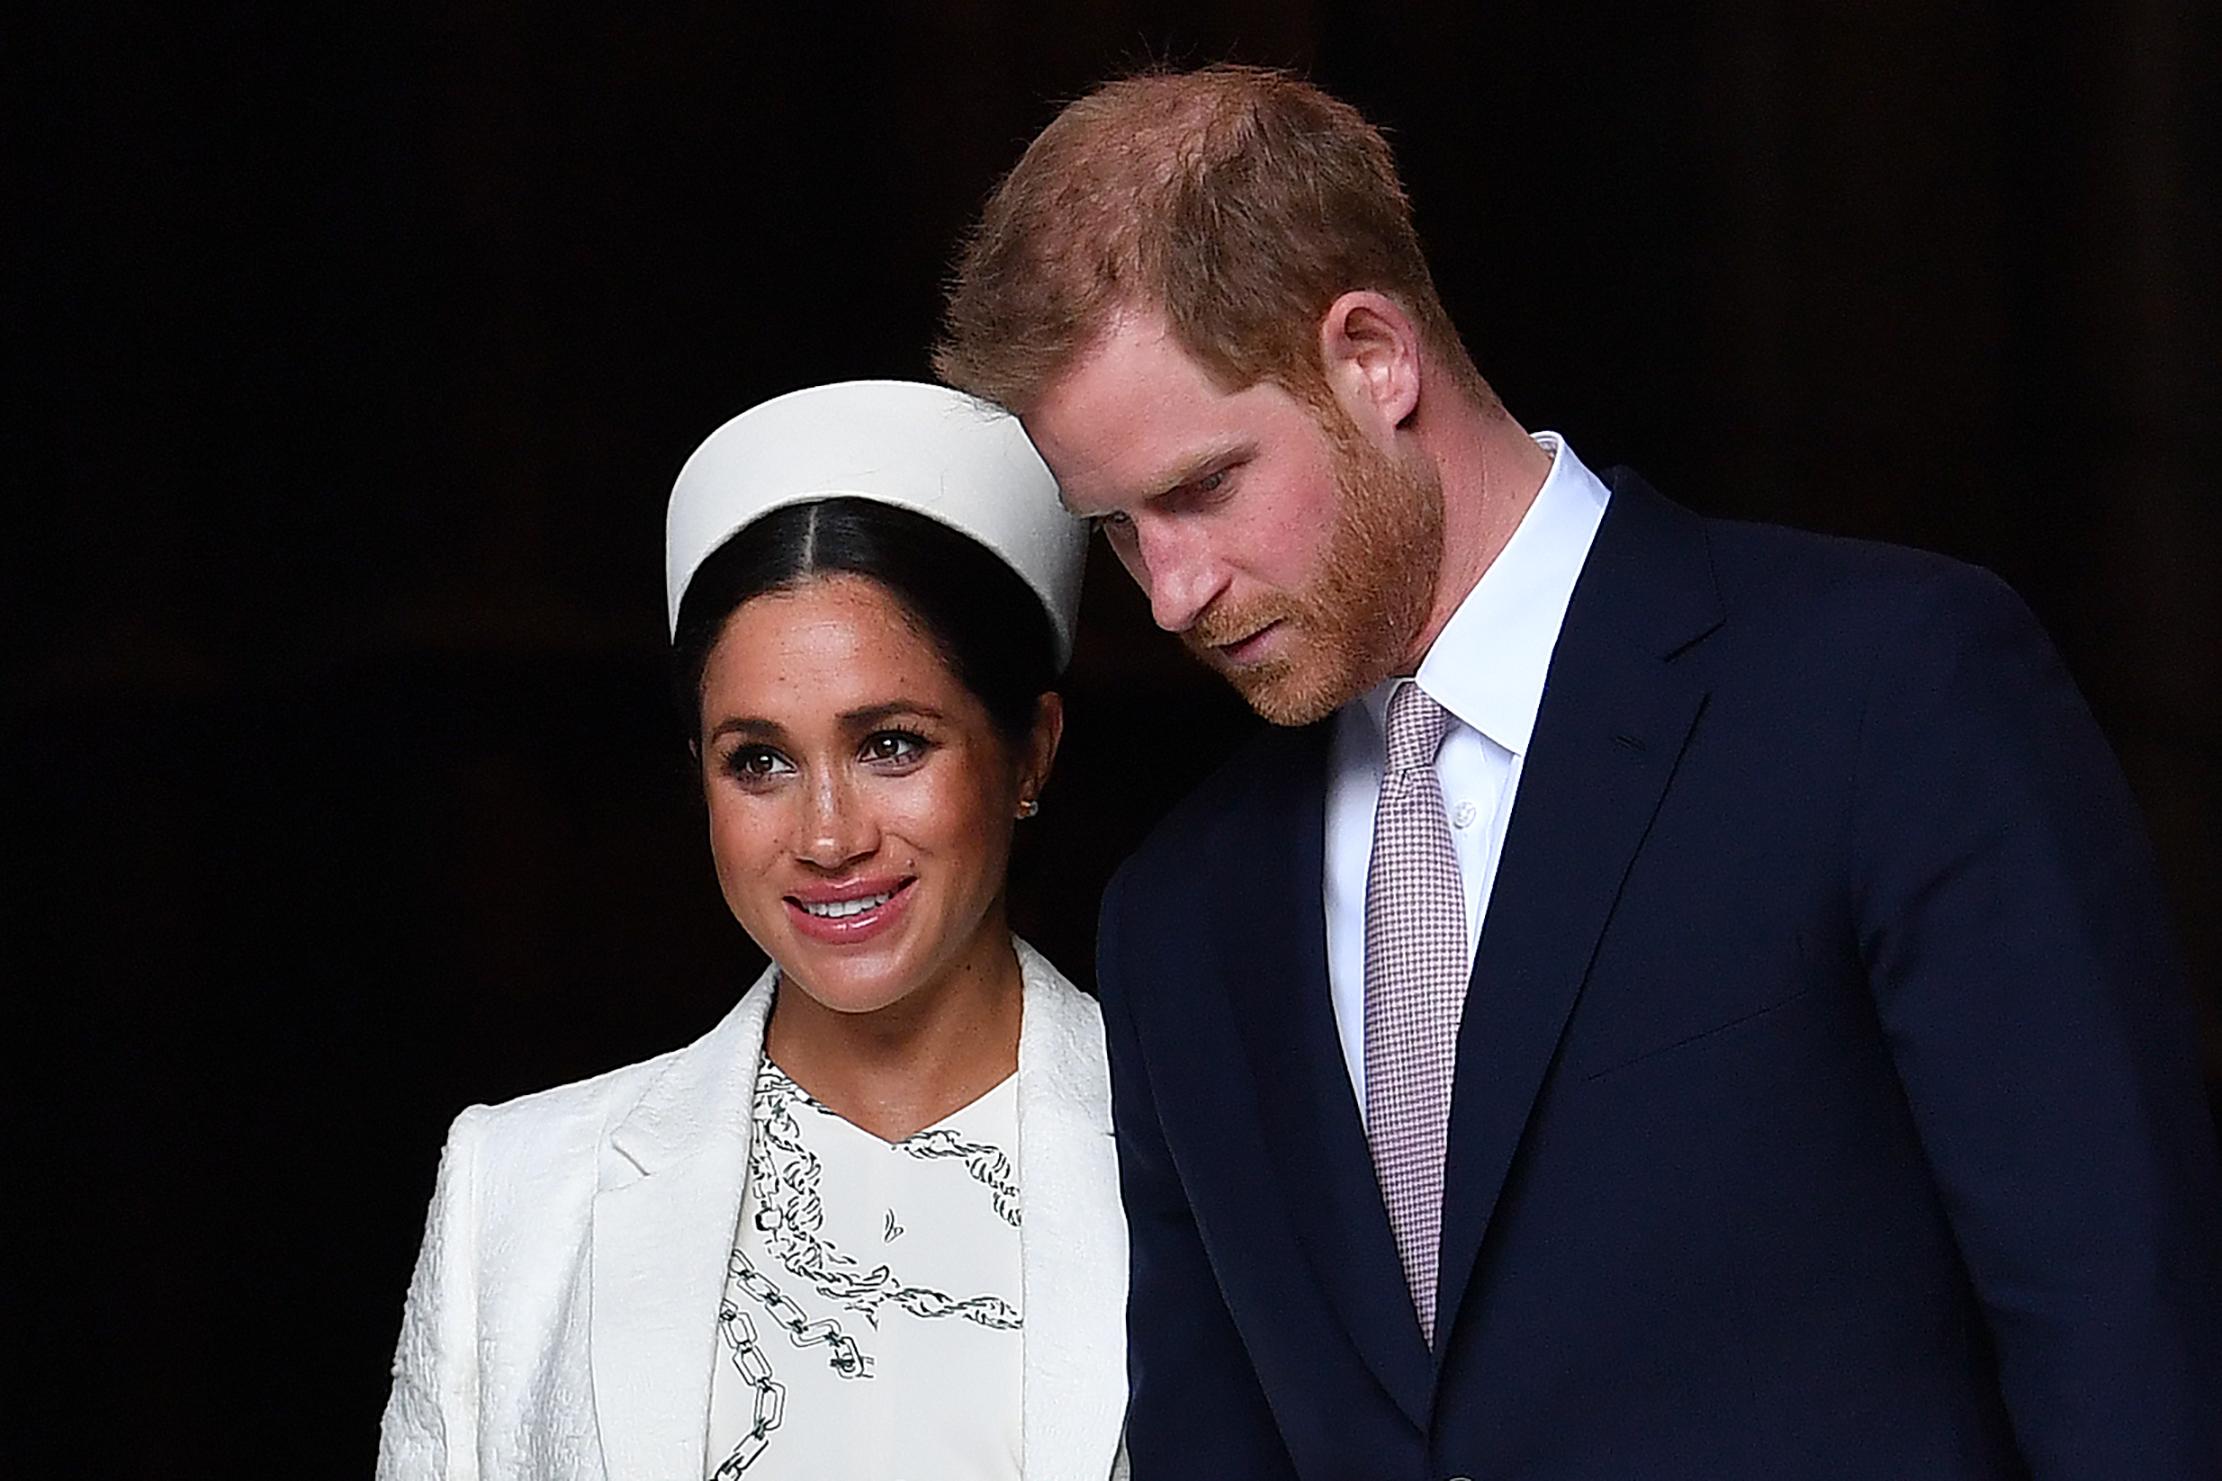 Buzzfeed: Ezek a bulvárlap-címek mutathatják meg, miből lett elege Harry hercegnek és Meghan Markle-nek